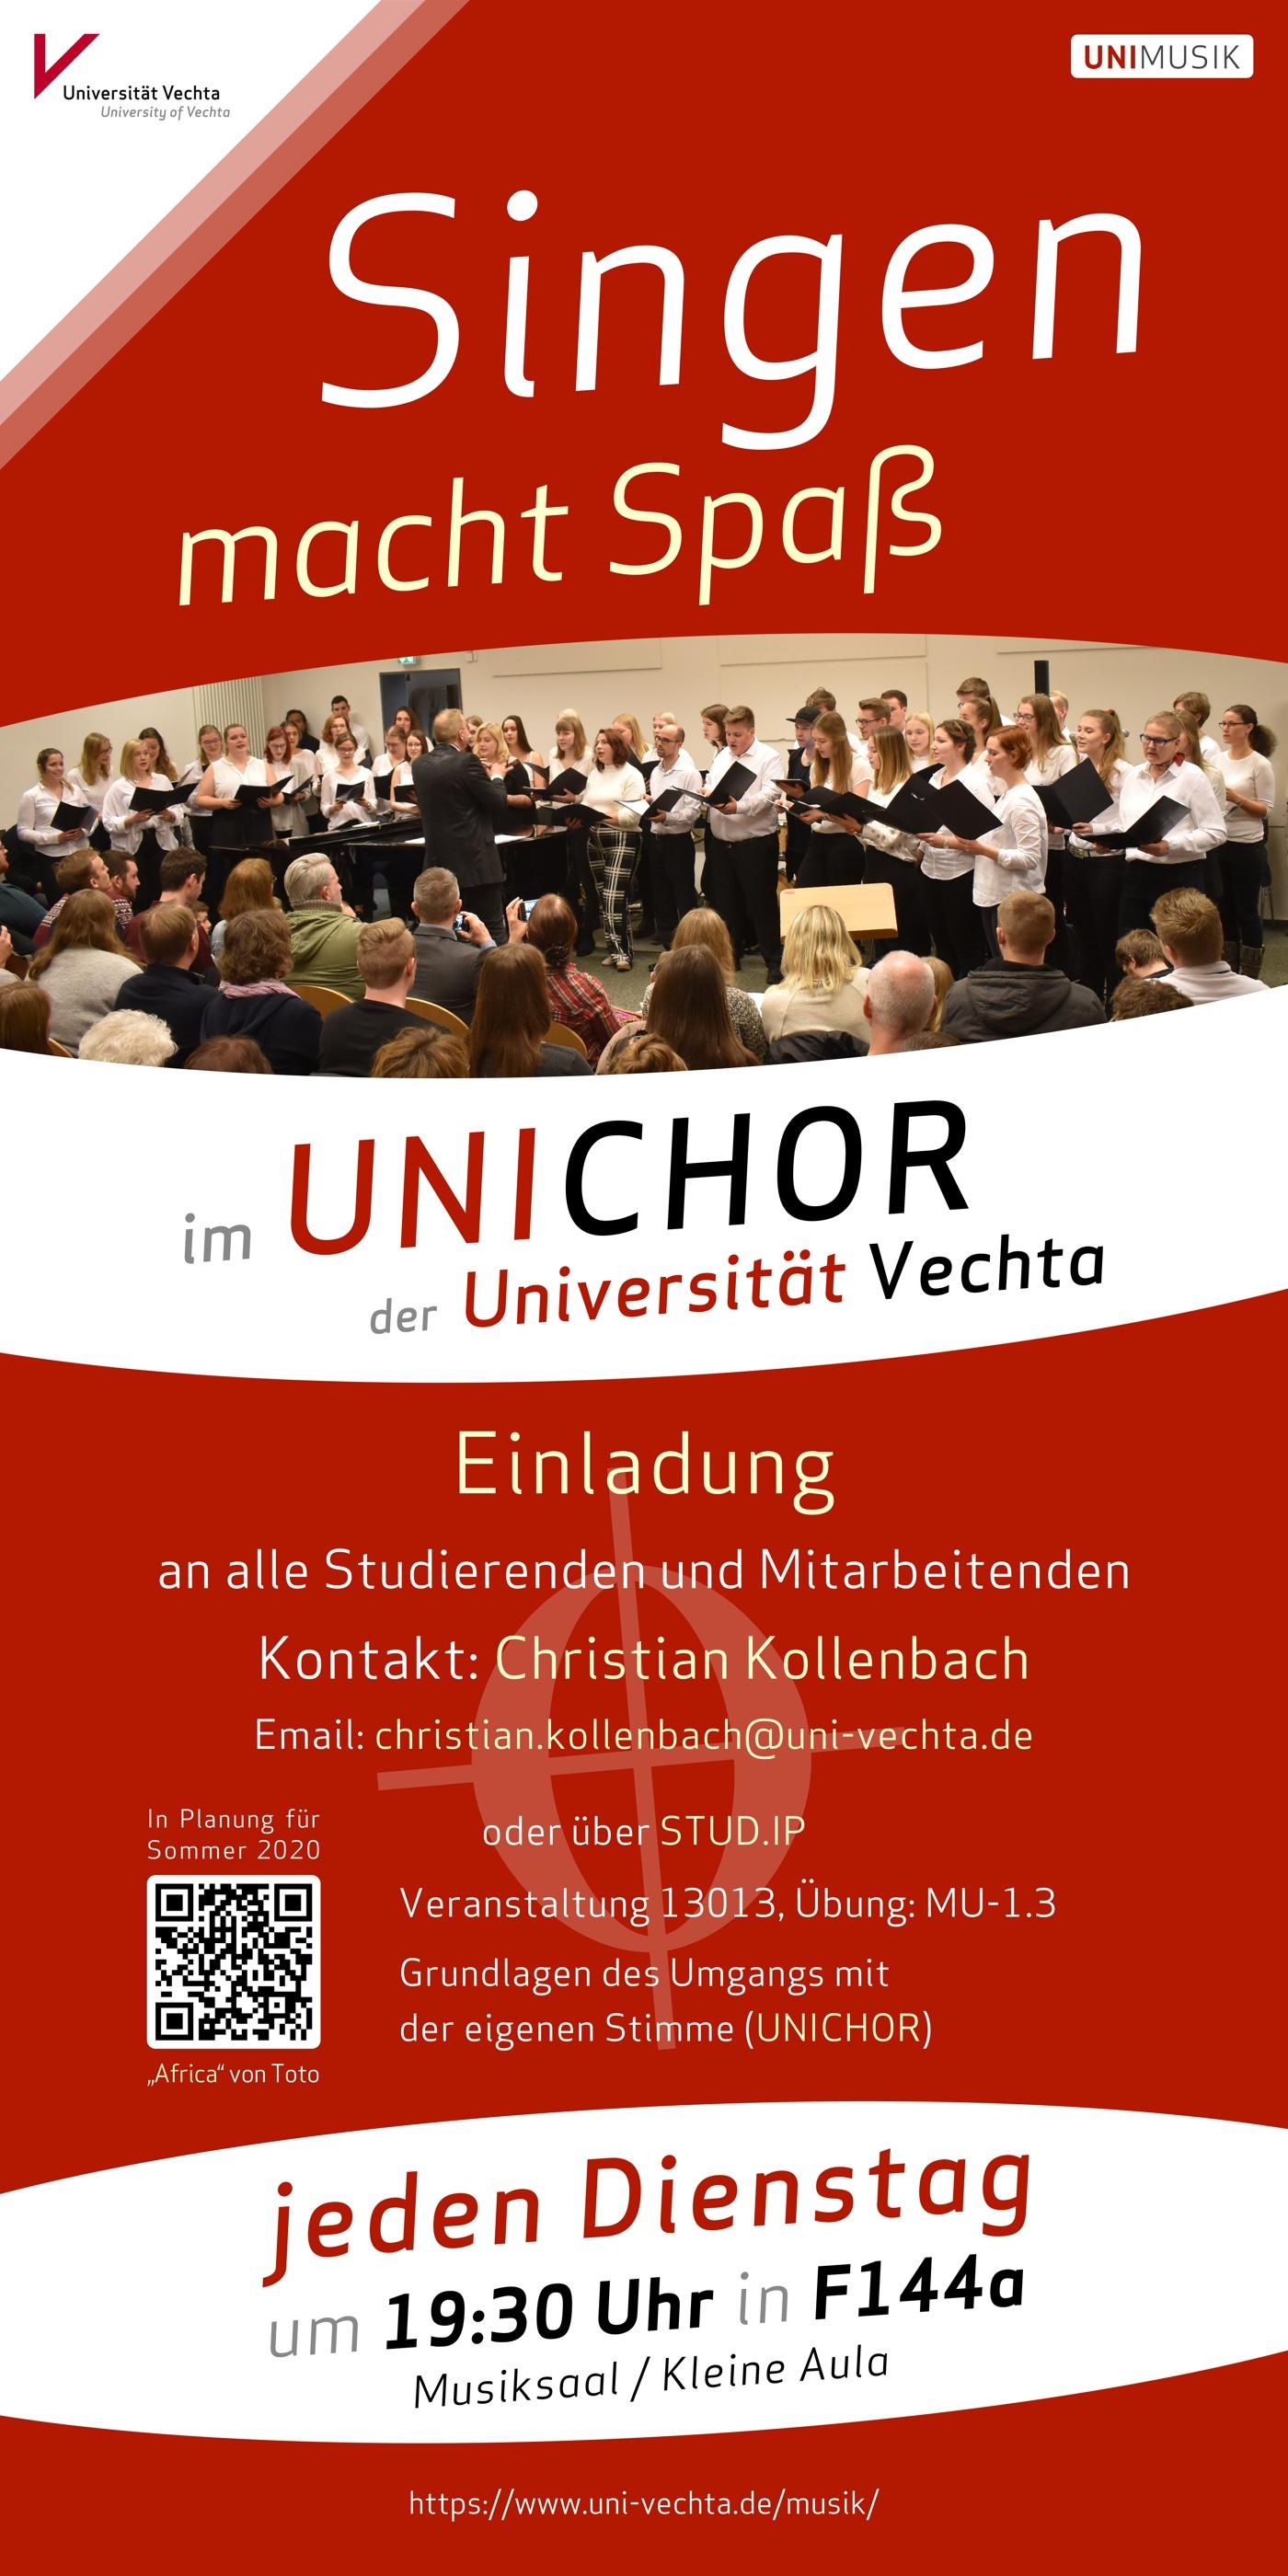 UNICHOR · Universität Vechta